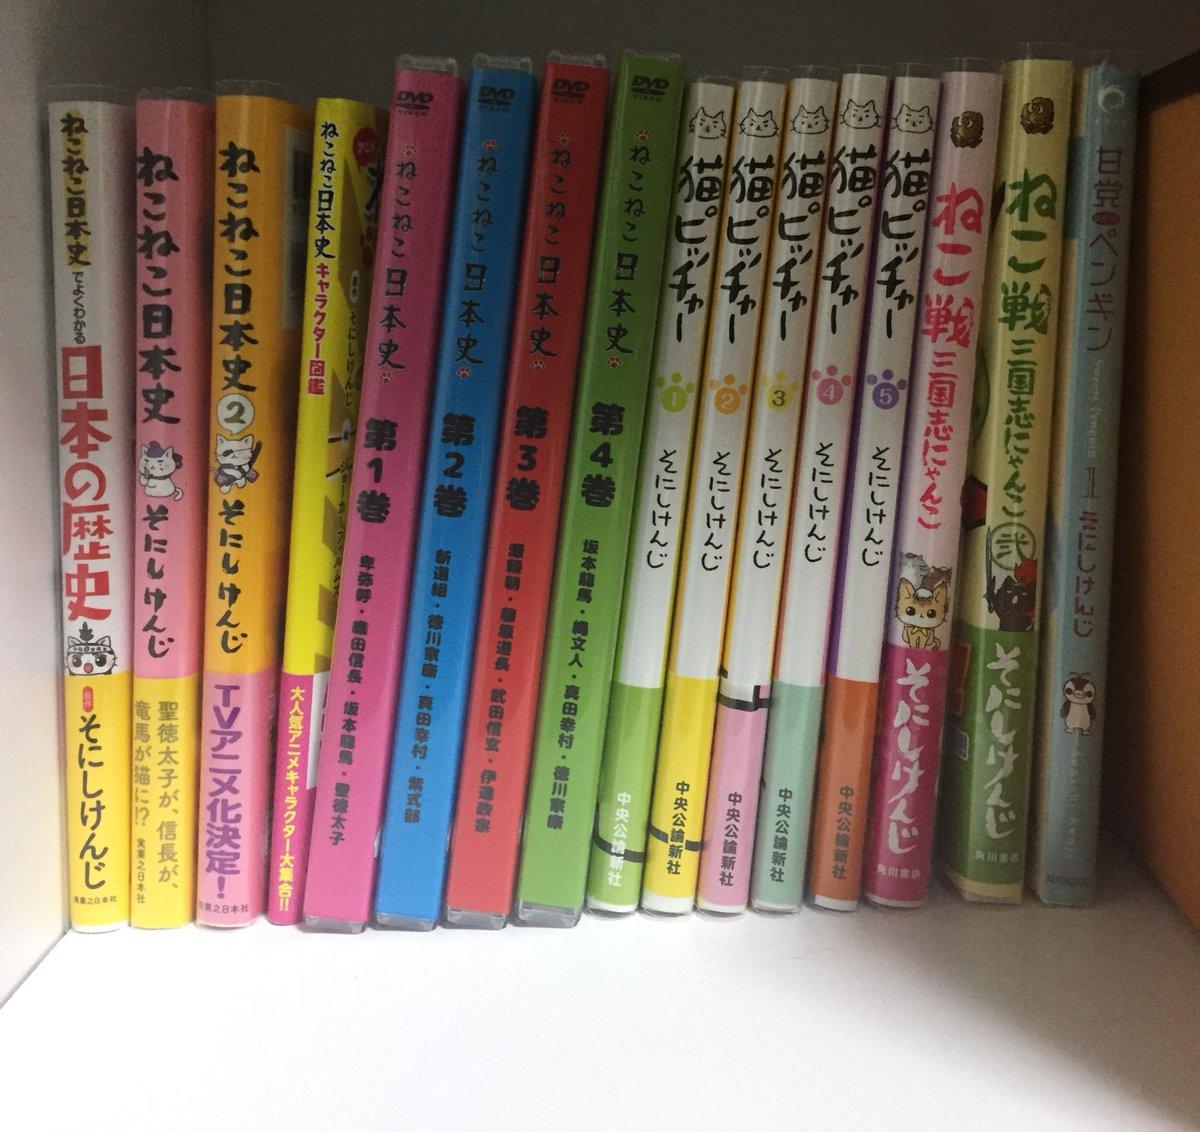 ワタシの部屋の本棚のそにけんコーナーです(*^ω^*) #ねこねこ日本史